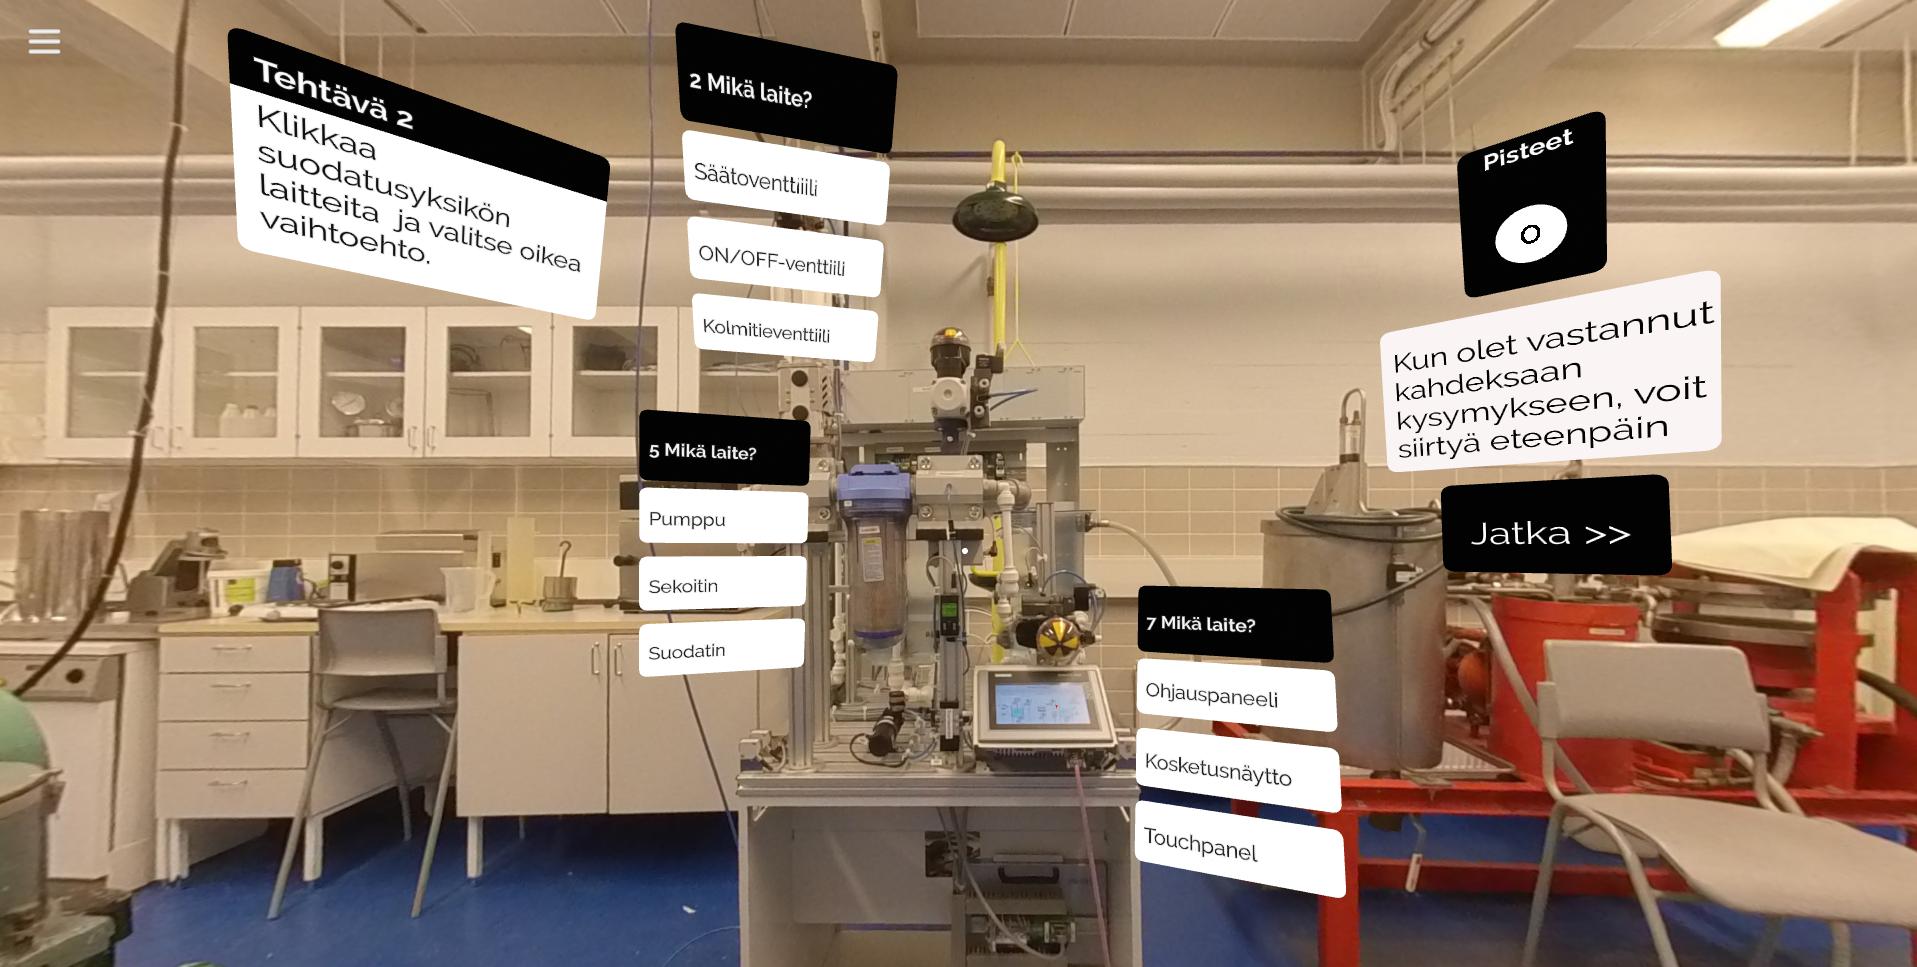 Tutustu virtuaaliseen laboratorioon Saimaan ammattiopisto Sampossa